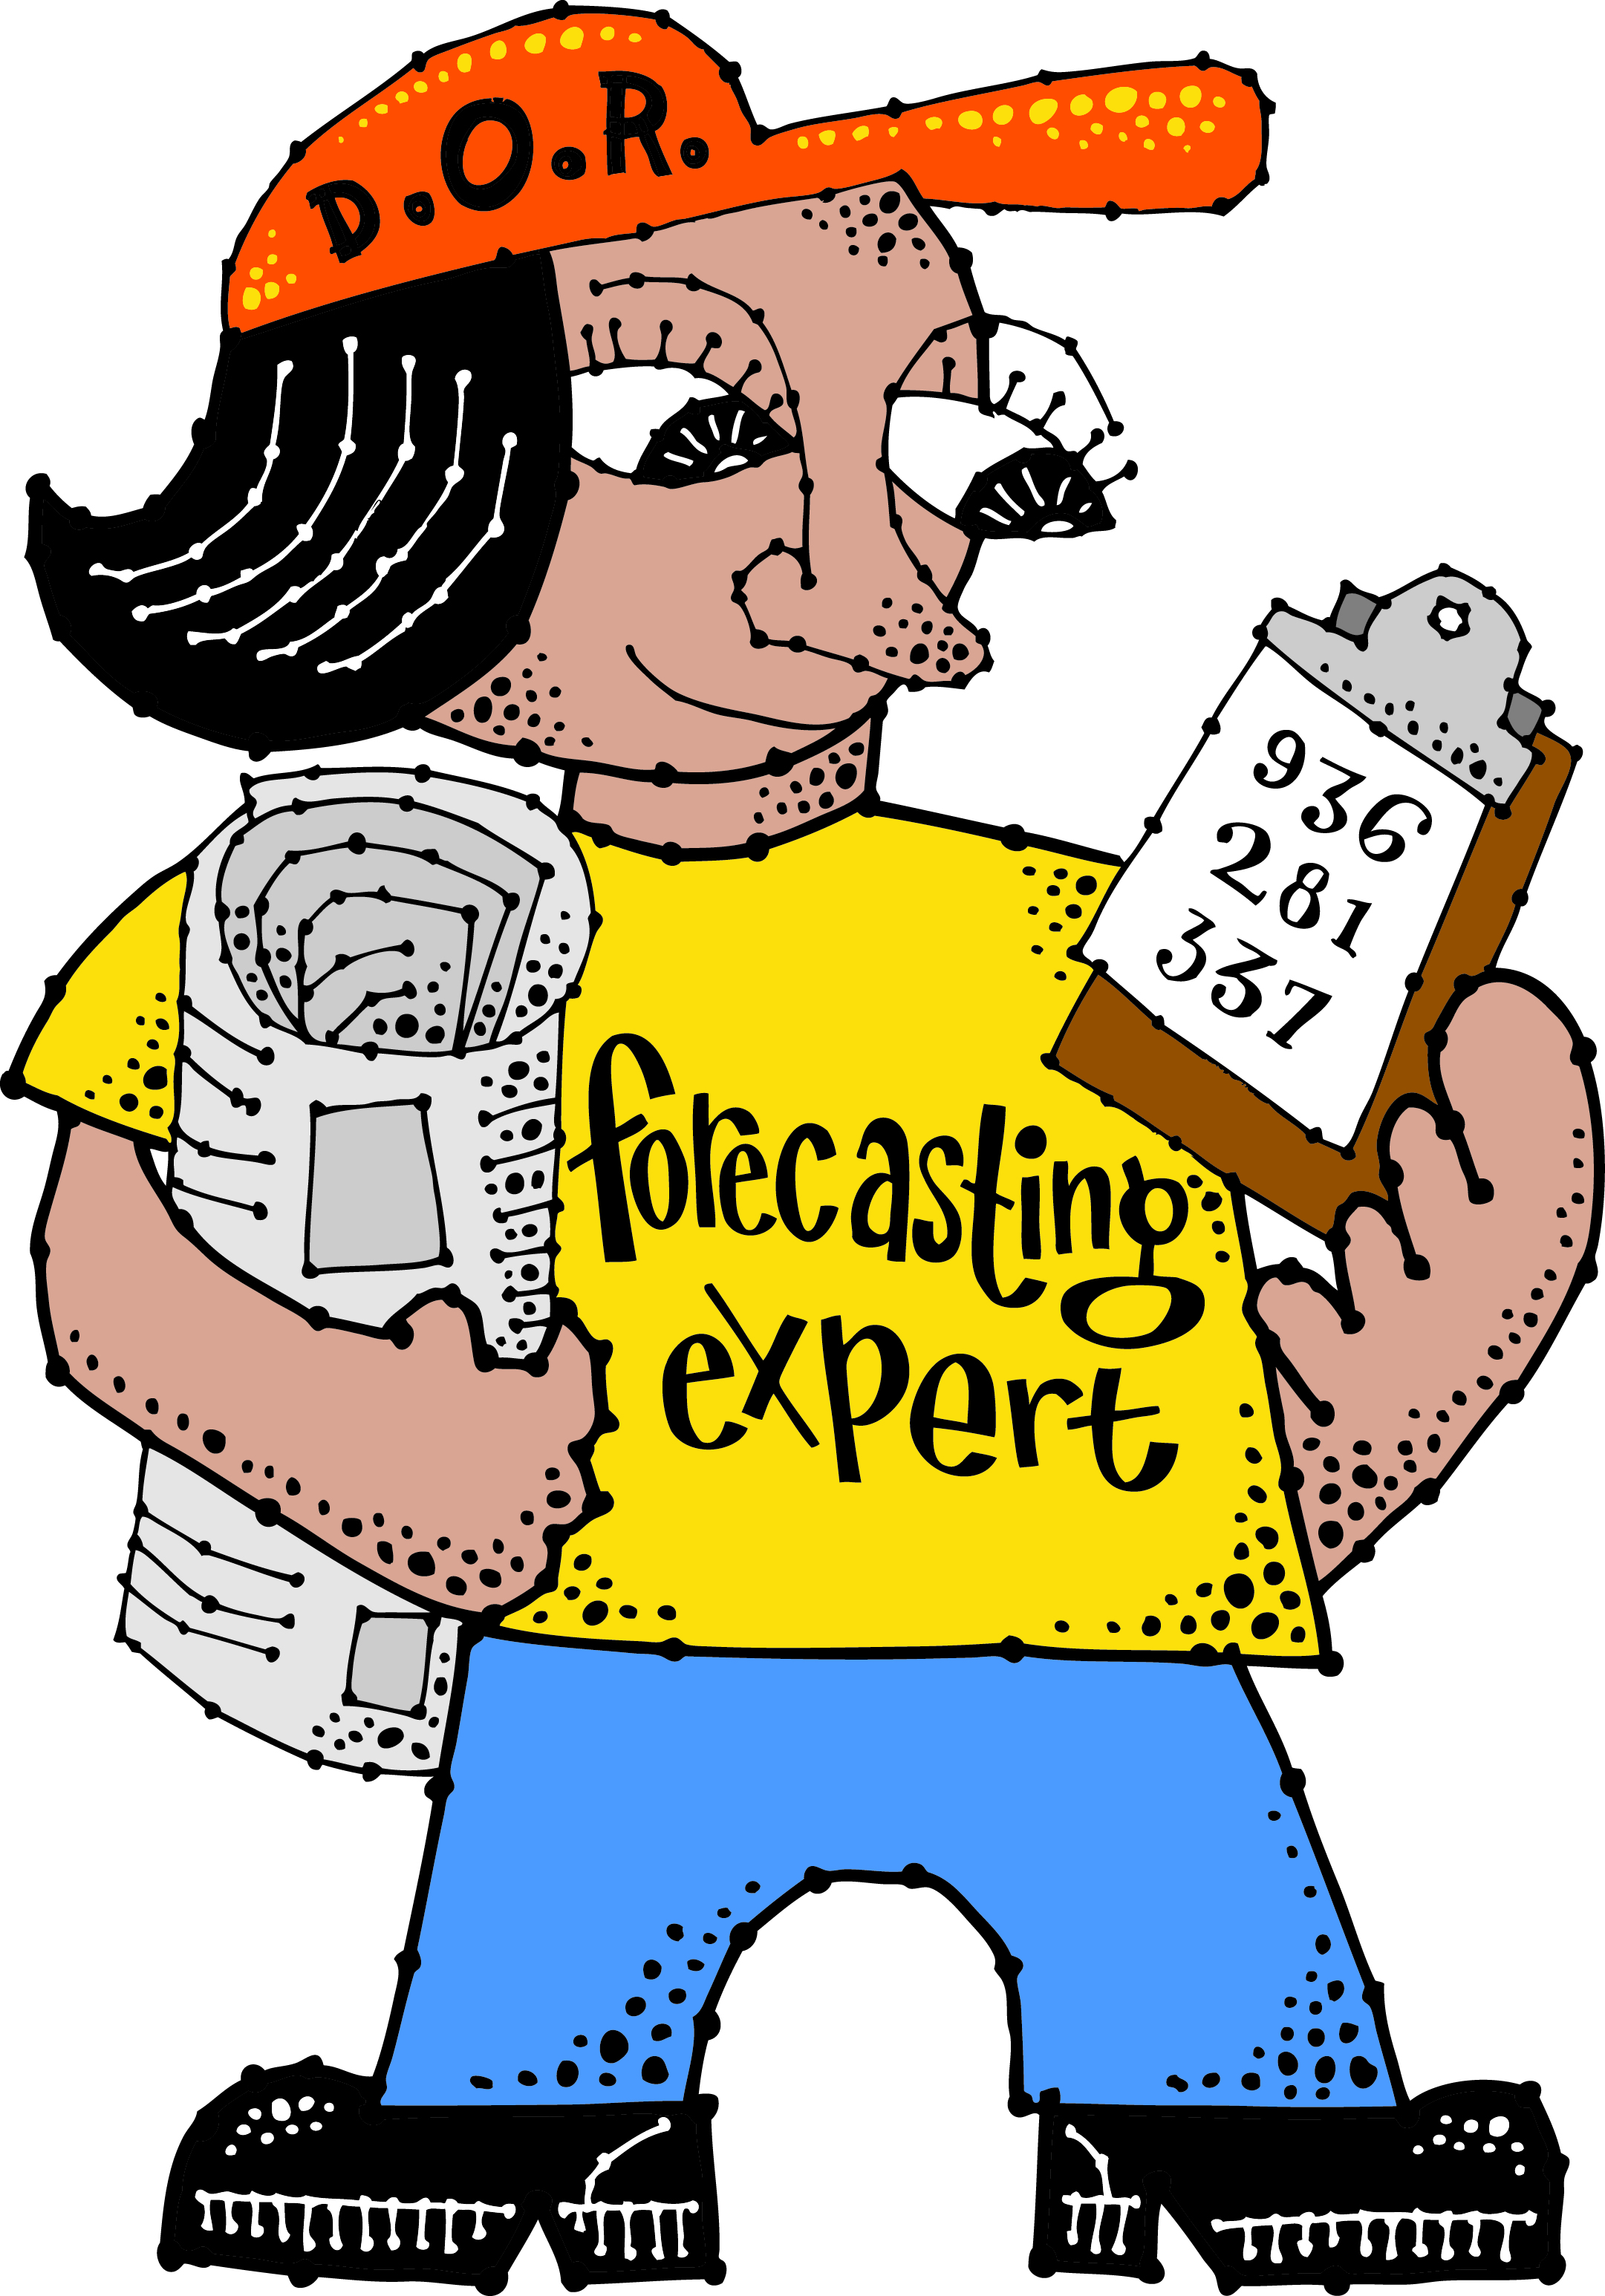 forecasting expert-1